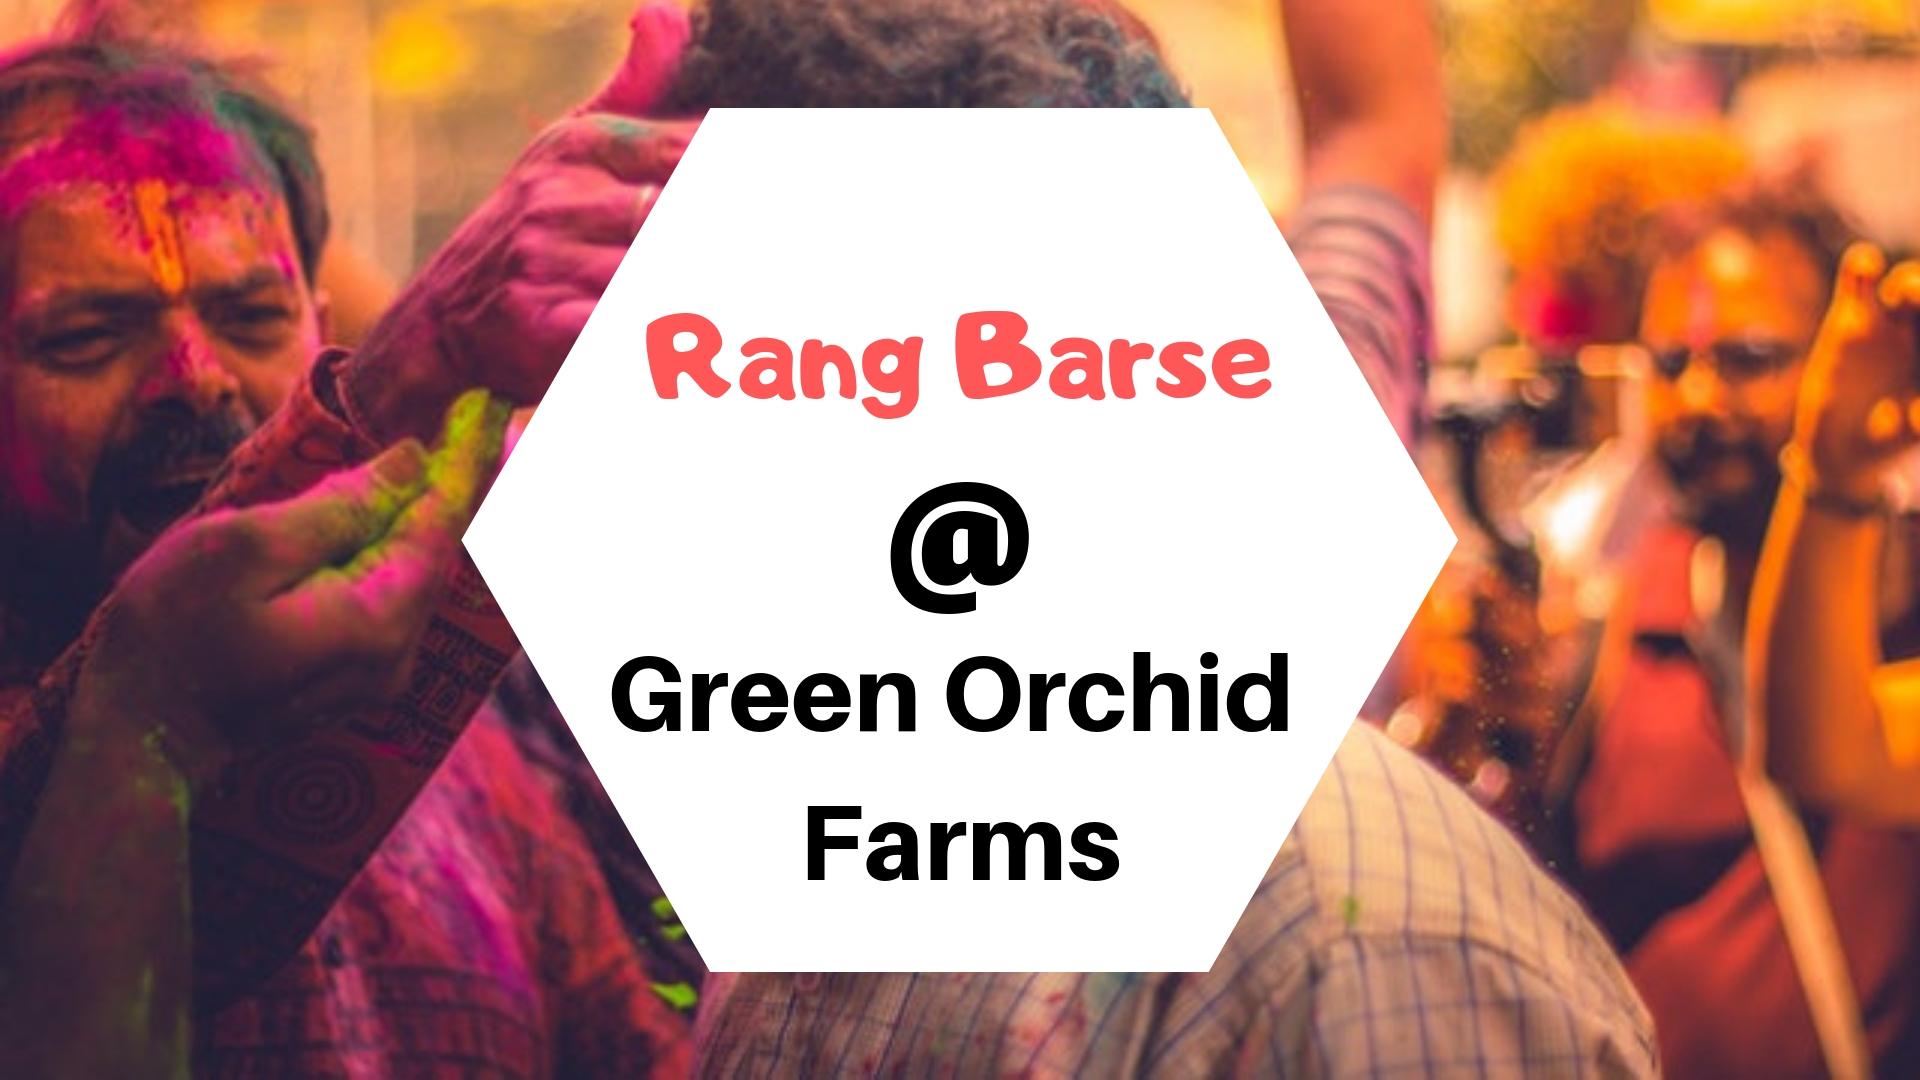 Rang Barse at Green Orchid Farms Gurgaon Roomsoom